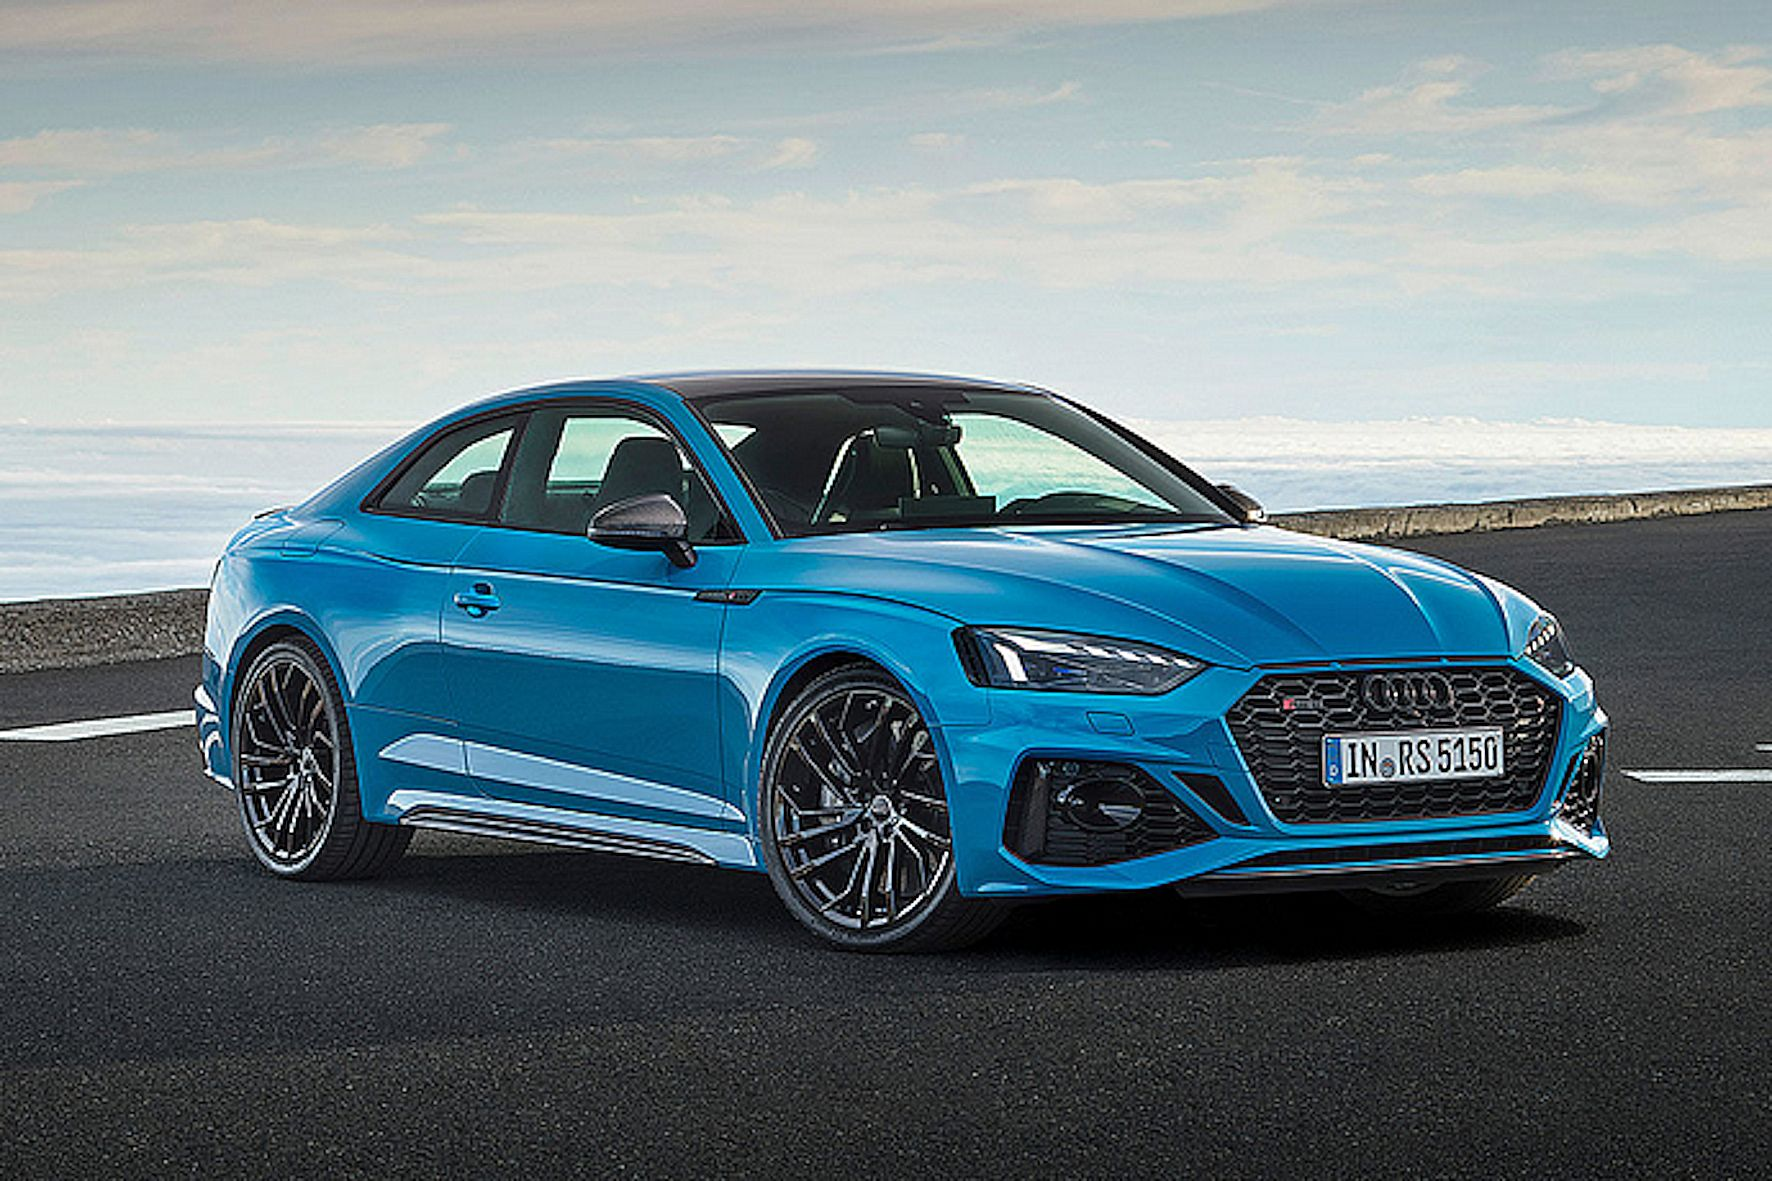 mid Groß-Gerau - Der Audi RS 5 bekommt eine Frischzellenkur. Mit neuem Carbondach ist er um vier Kilo leichter. Audi